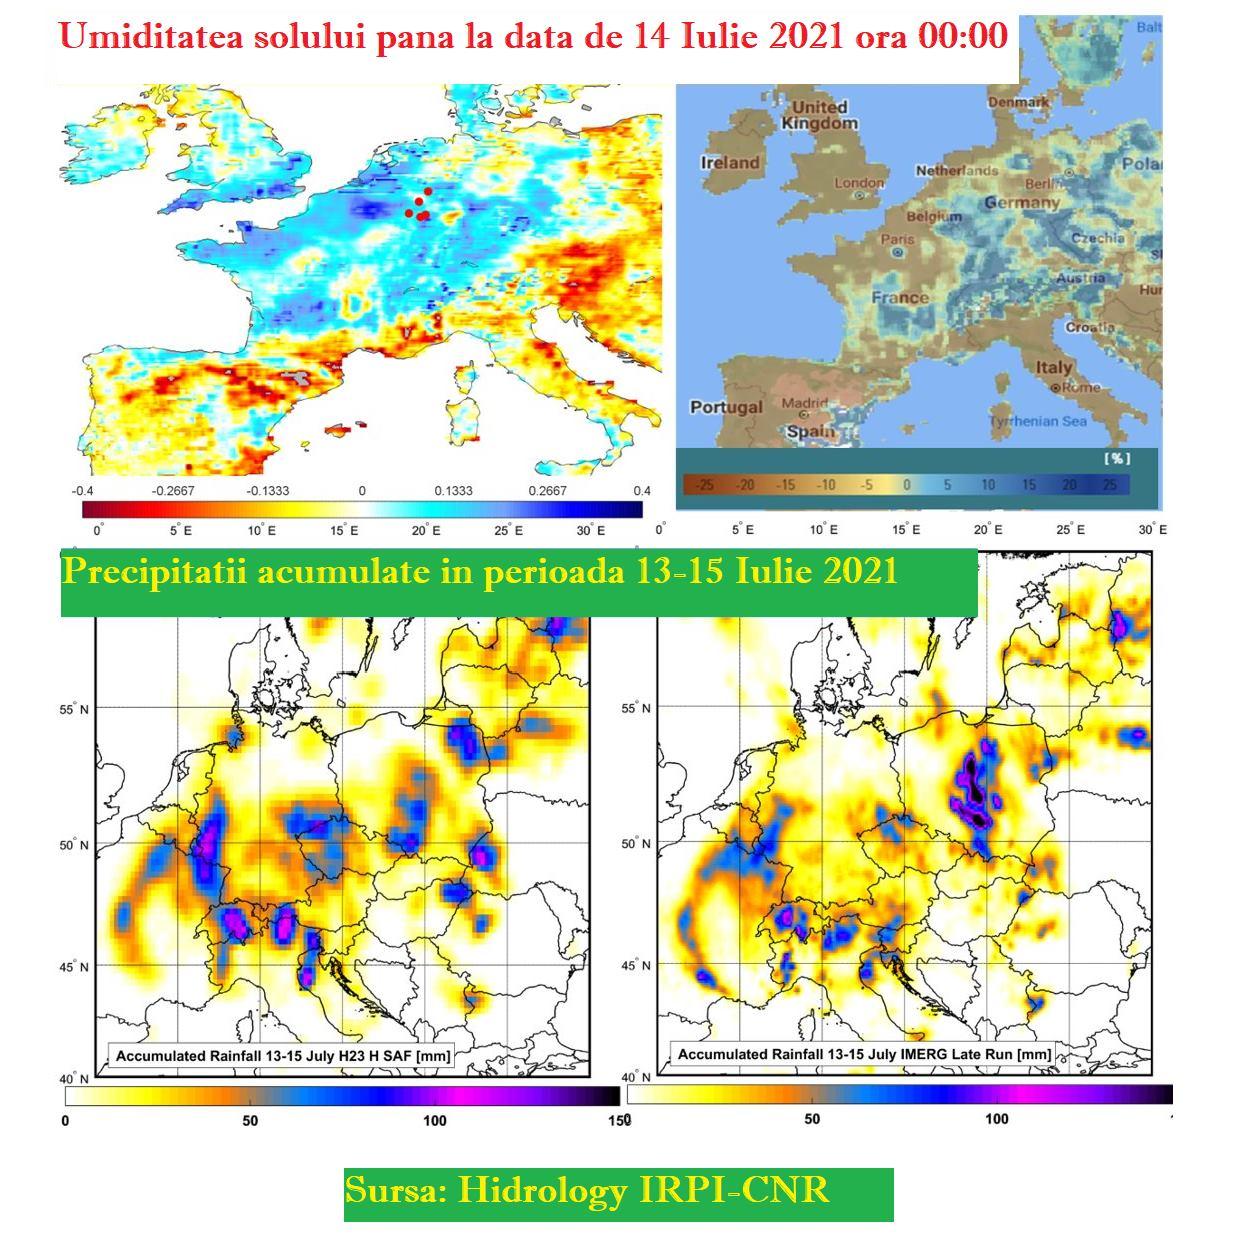 Sursa: Facebook Climatologie și Prognoze Globale